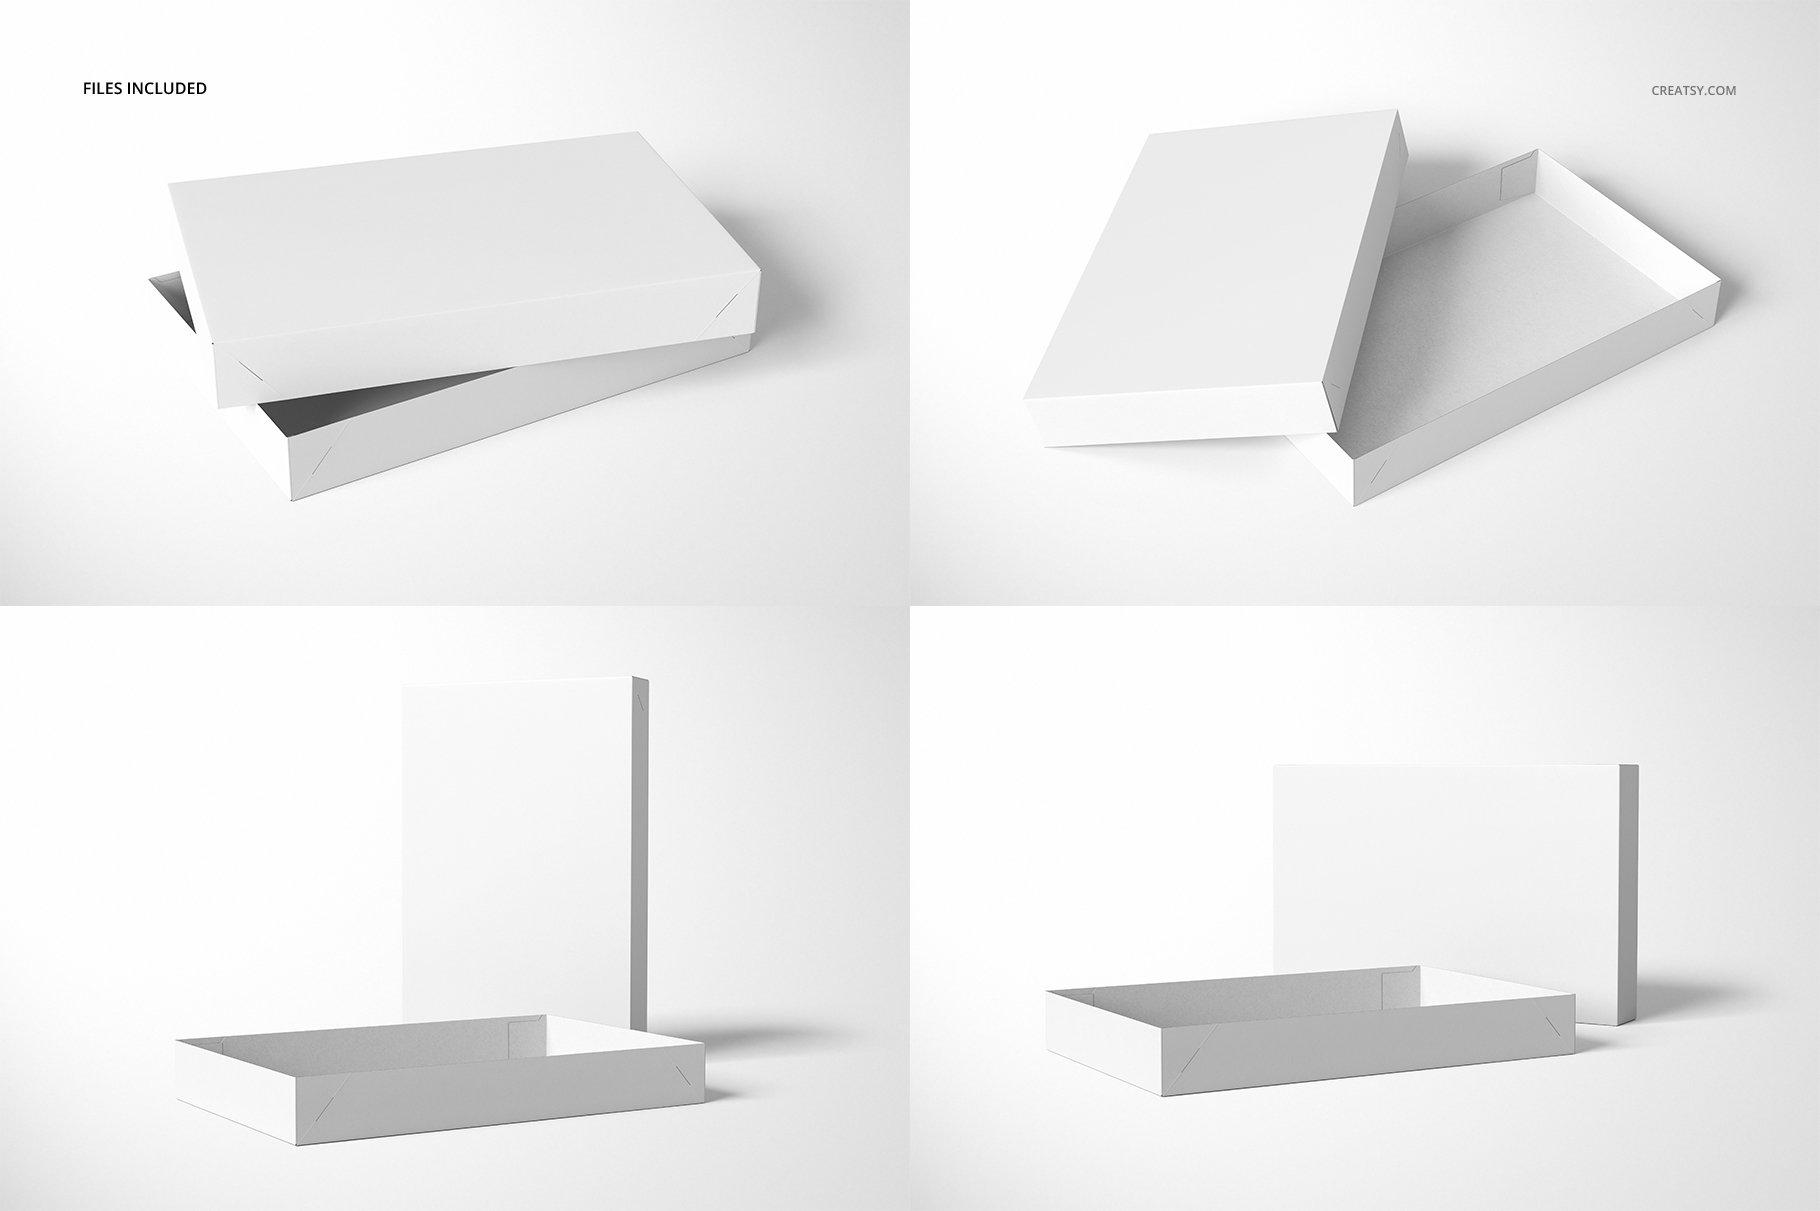 现代时尚服装纸盒设计展示贴图样机模板合集 2-Piece Apparel Box Mockup Set插图(4)